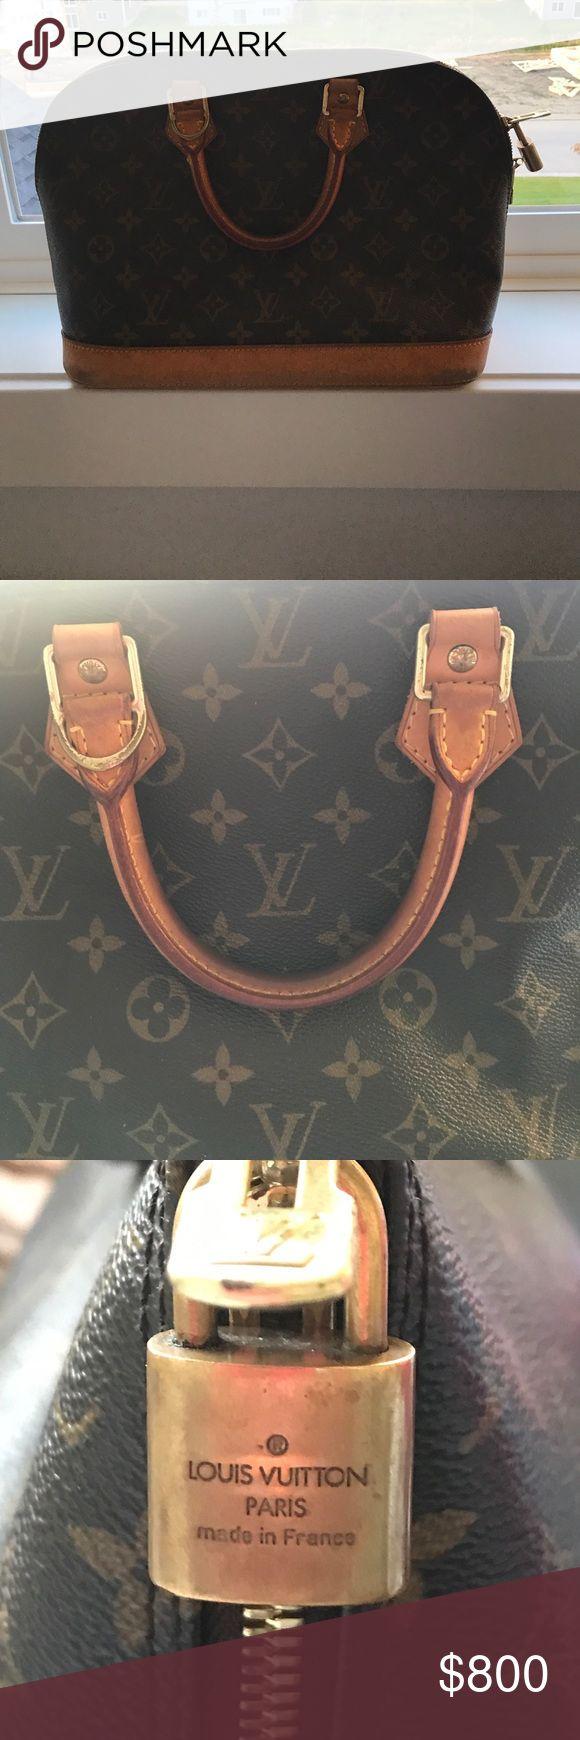 Louis Vuitton Alma Handbag Used Louis Vuitton Alma handbag. Signature LV monogram canvas. Louis Vuitton Bags